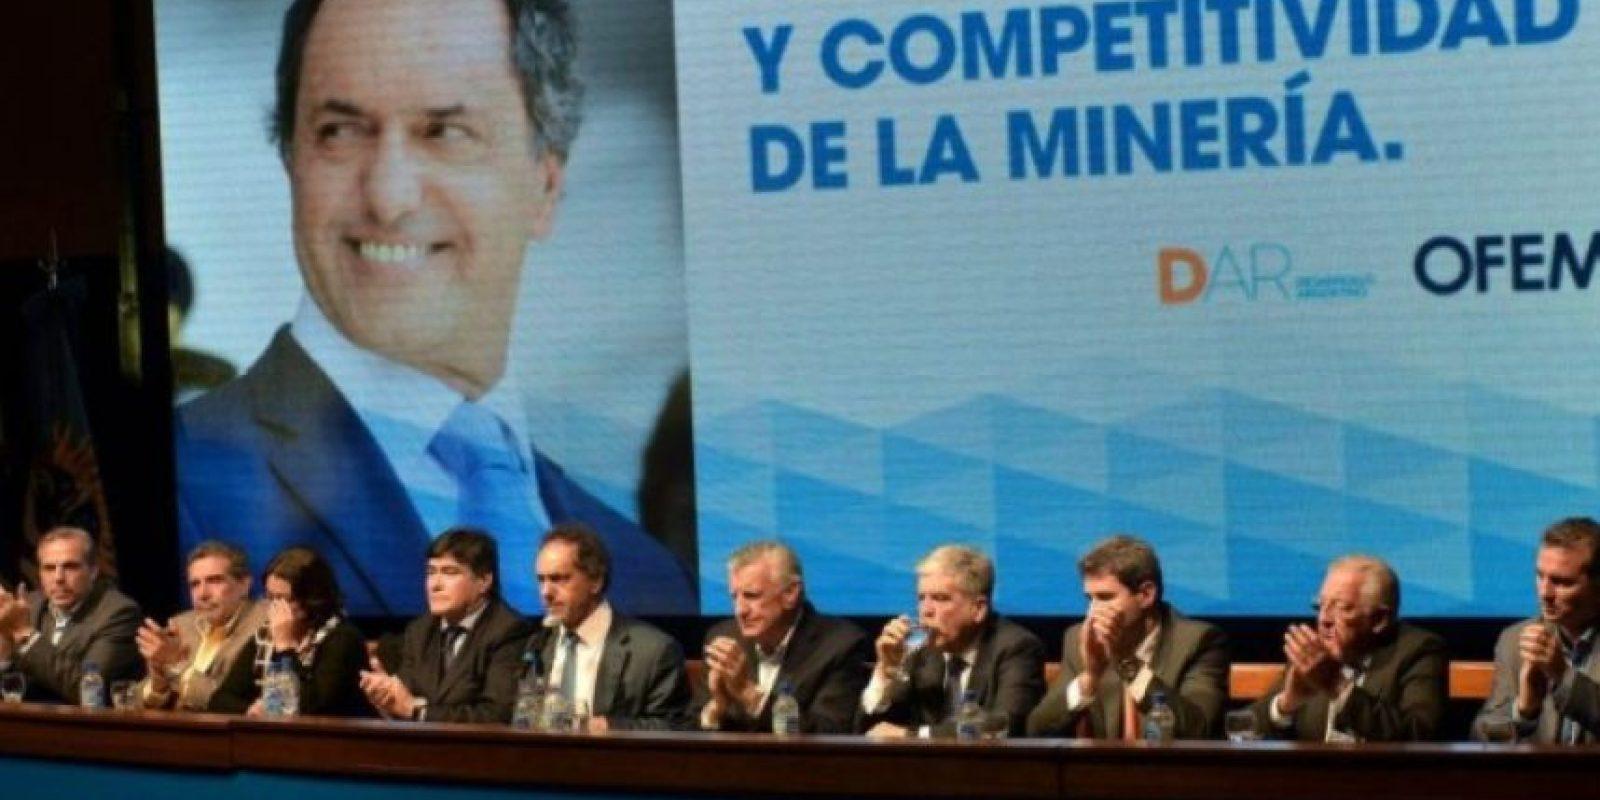 Fue vicepresidente de la Nación Argentina de 2003 a 2007, en el mandato de Néstor Kirchner Foto:Facebook.com/danielsciolioficial